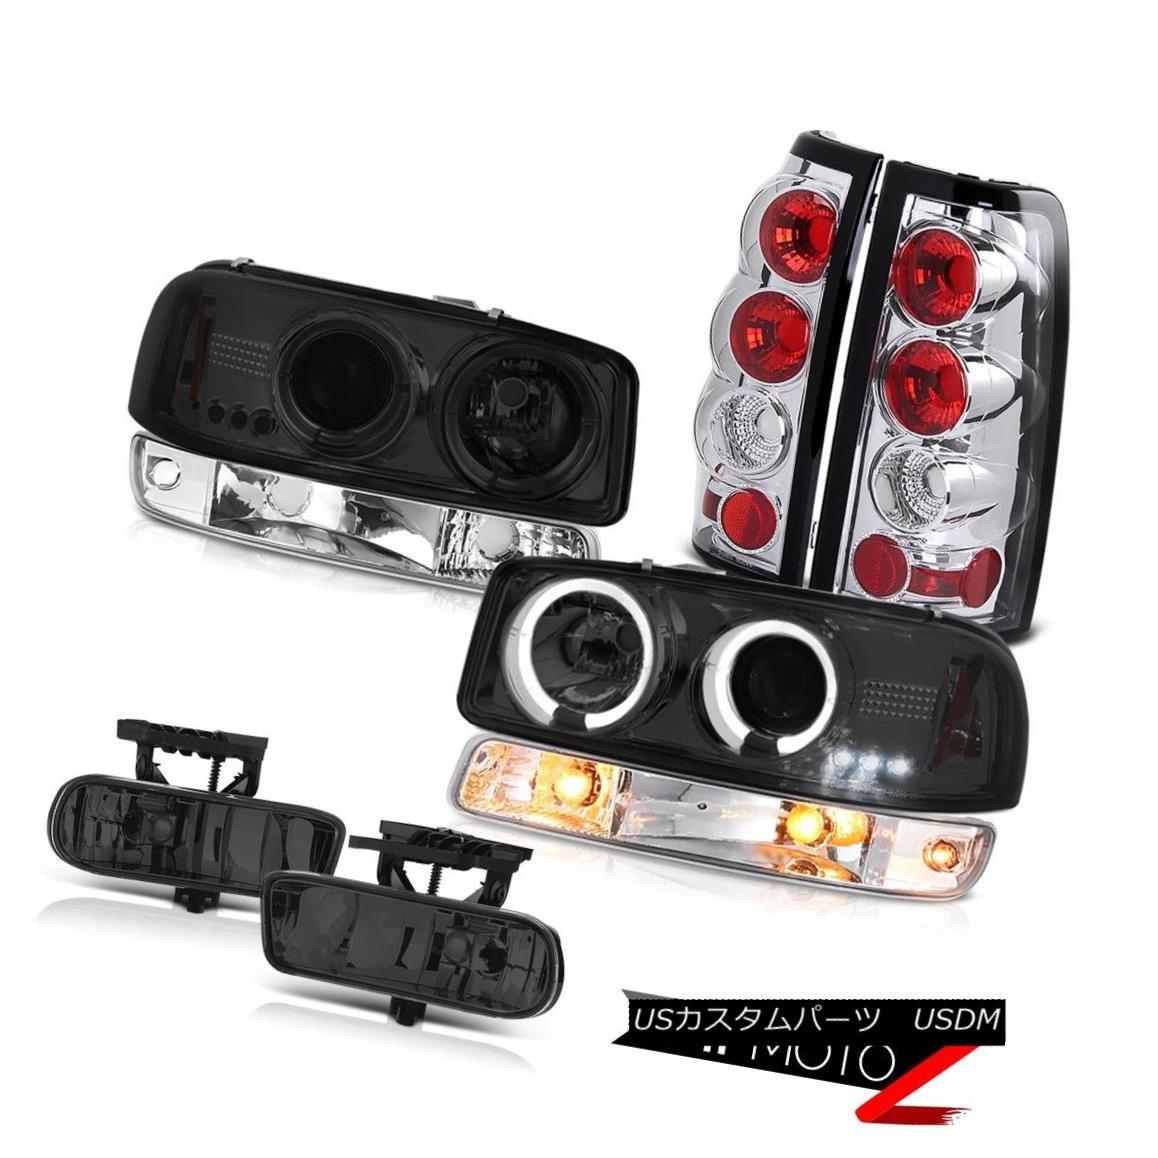 ヘッドライト 99-02 Sierra 3500HD Foglights sterling chrome taillamps parking light headlamps 99-02 Sierra 3500HDフォグライト純正クロームテールランプパーキングライトヘッドランプ